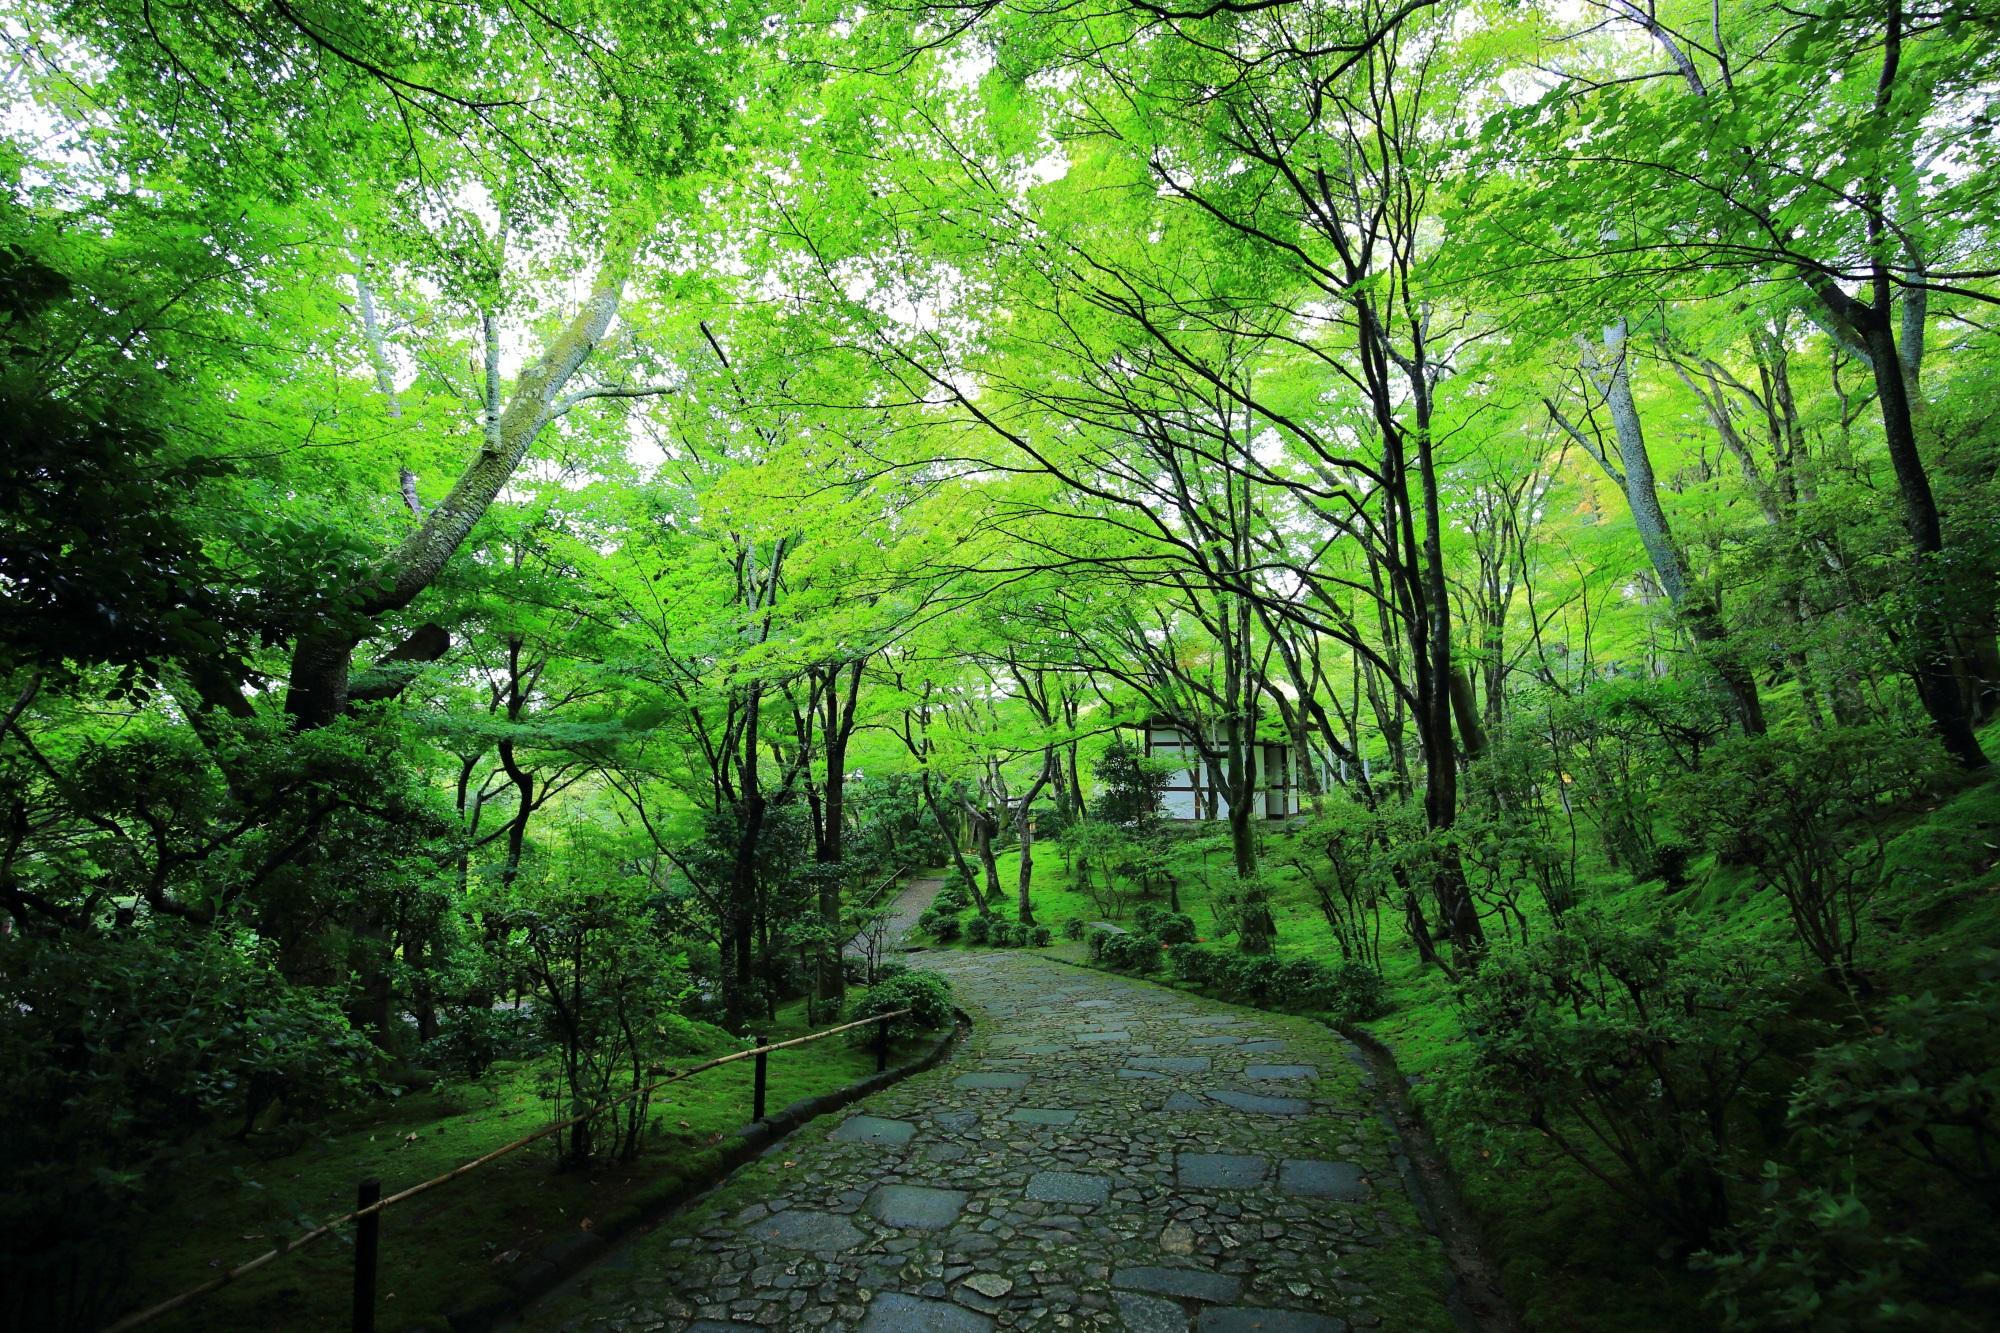 じょうじゃっこうじの仁王門へ続く参道と苔と青もみじ